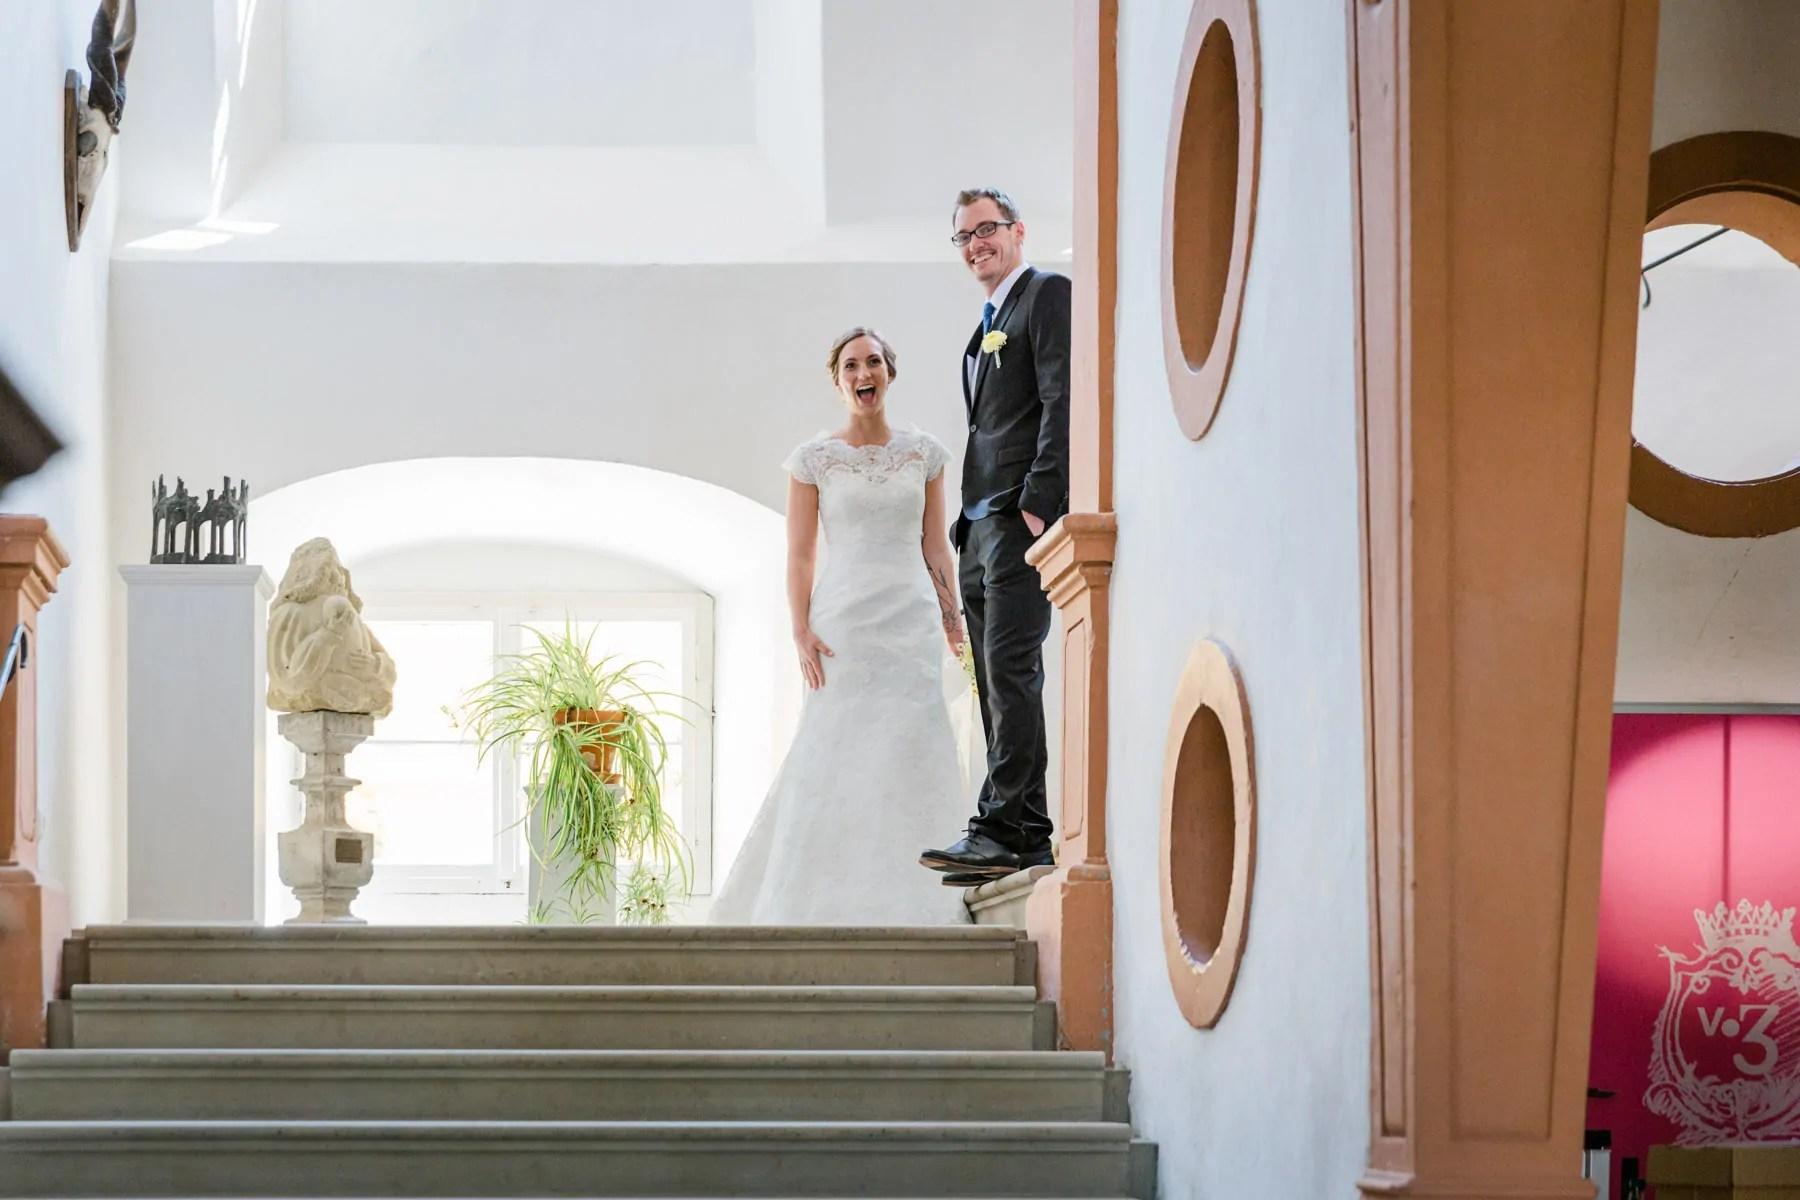 Hochzeitsfotografin  maizuckerwedding  Daggi Binder